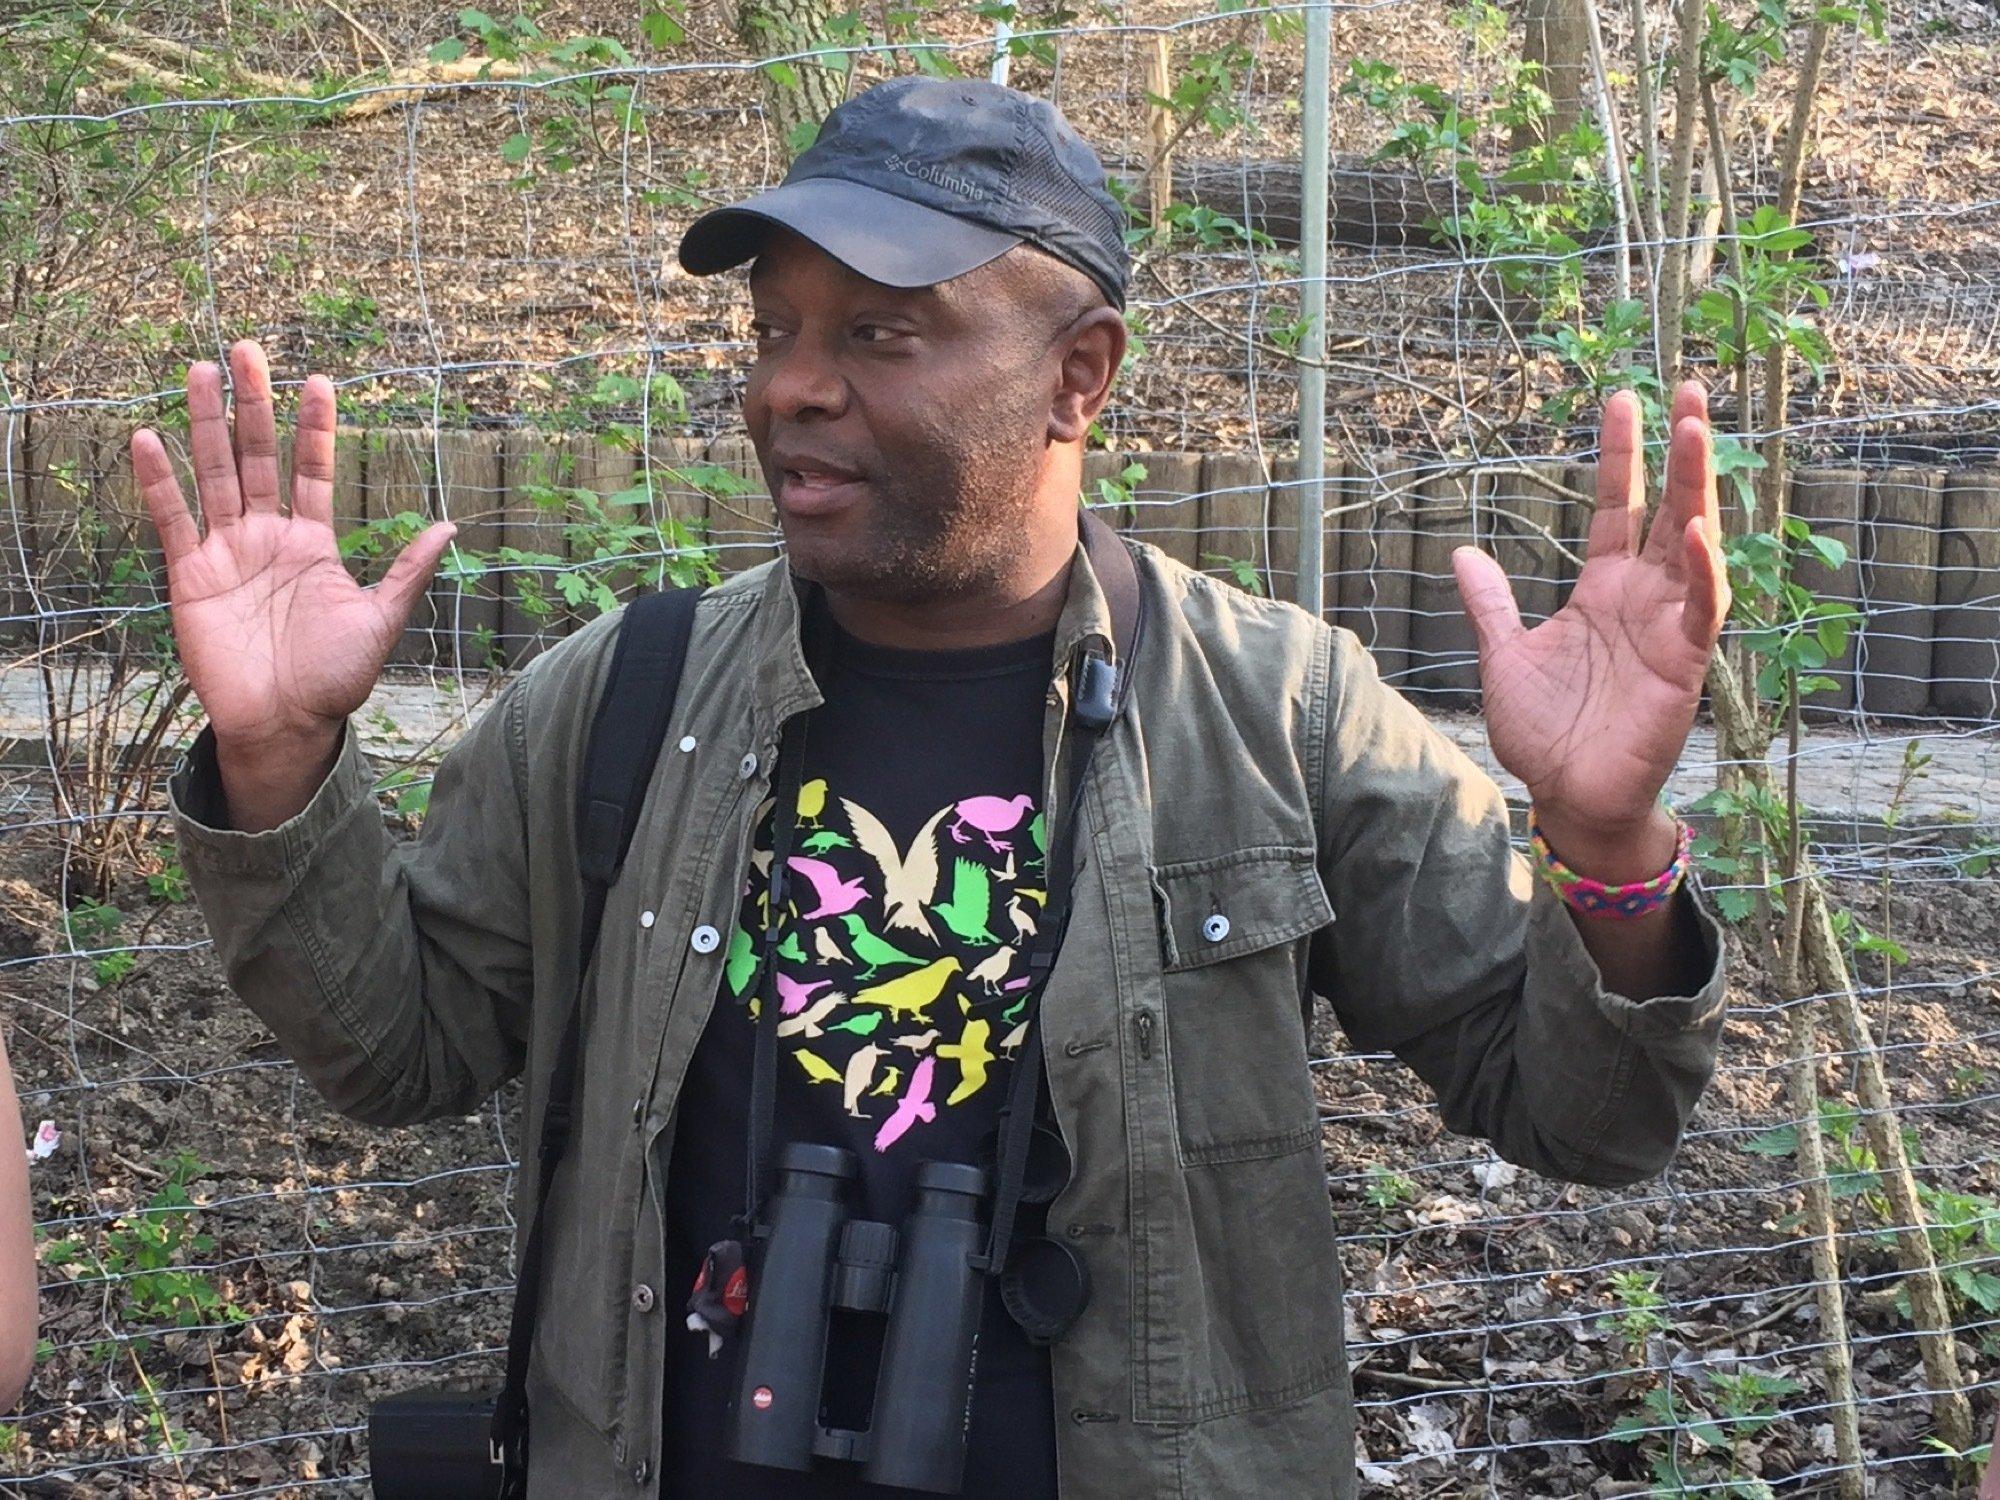 Dargestellt ist der schwarze Vogelexperte David Lindo mit ausgebreiteten Armen und einem Fernglas um den Hals.